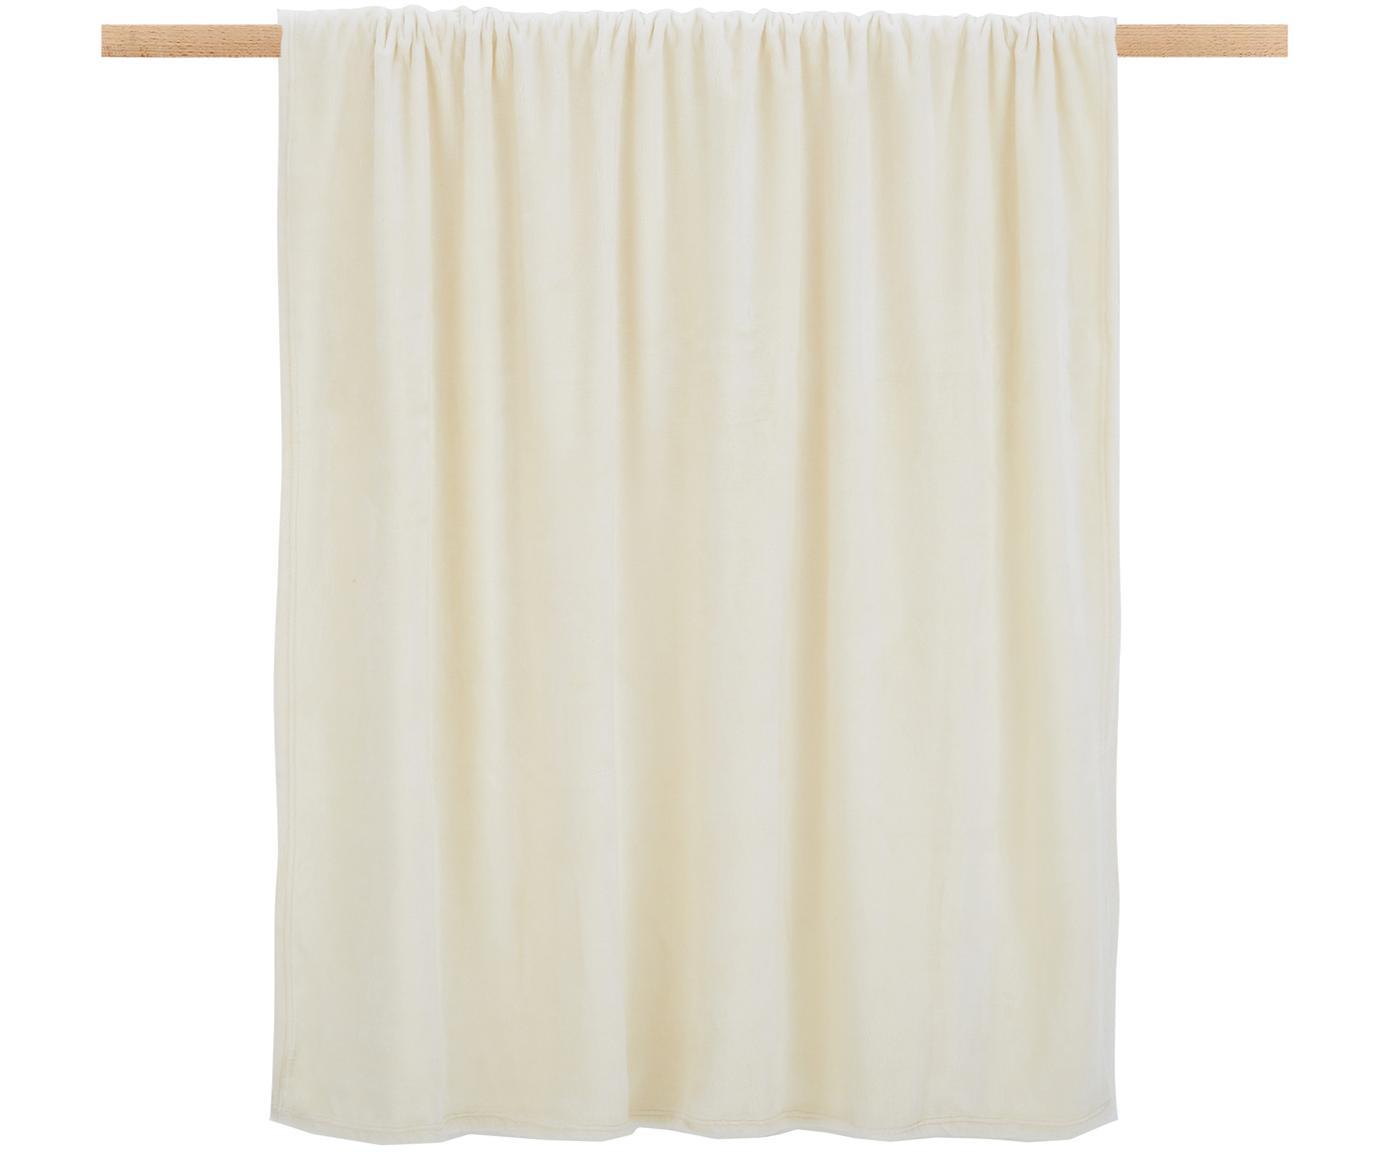 Weiches Fleece-Plaid Doudou in Offwhite, 100% Polyester, Gebrochenes Weiß, 130 x 160 cm